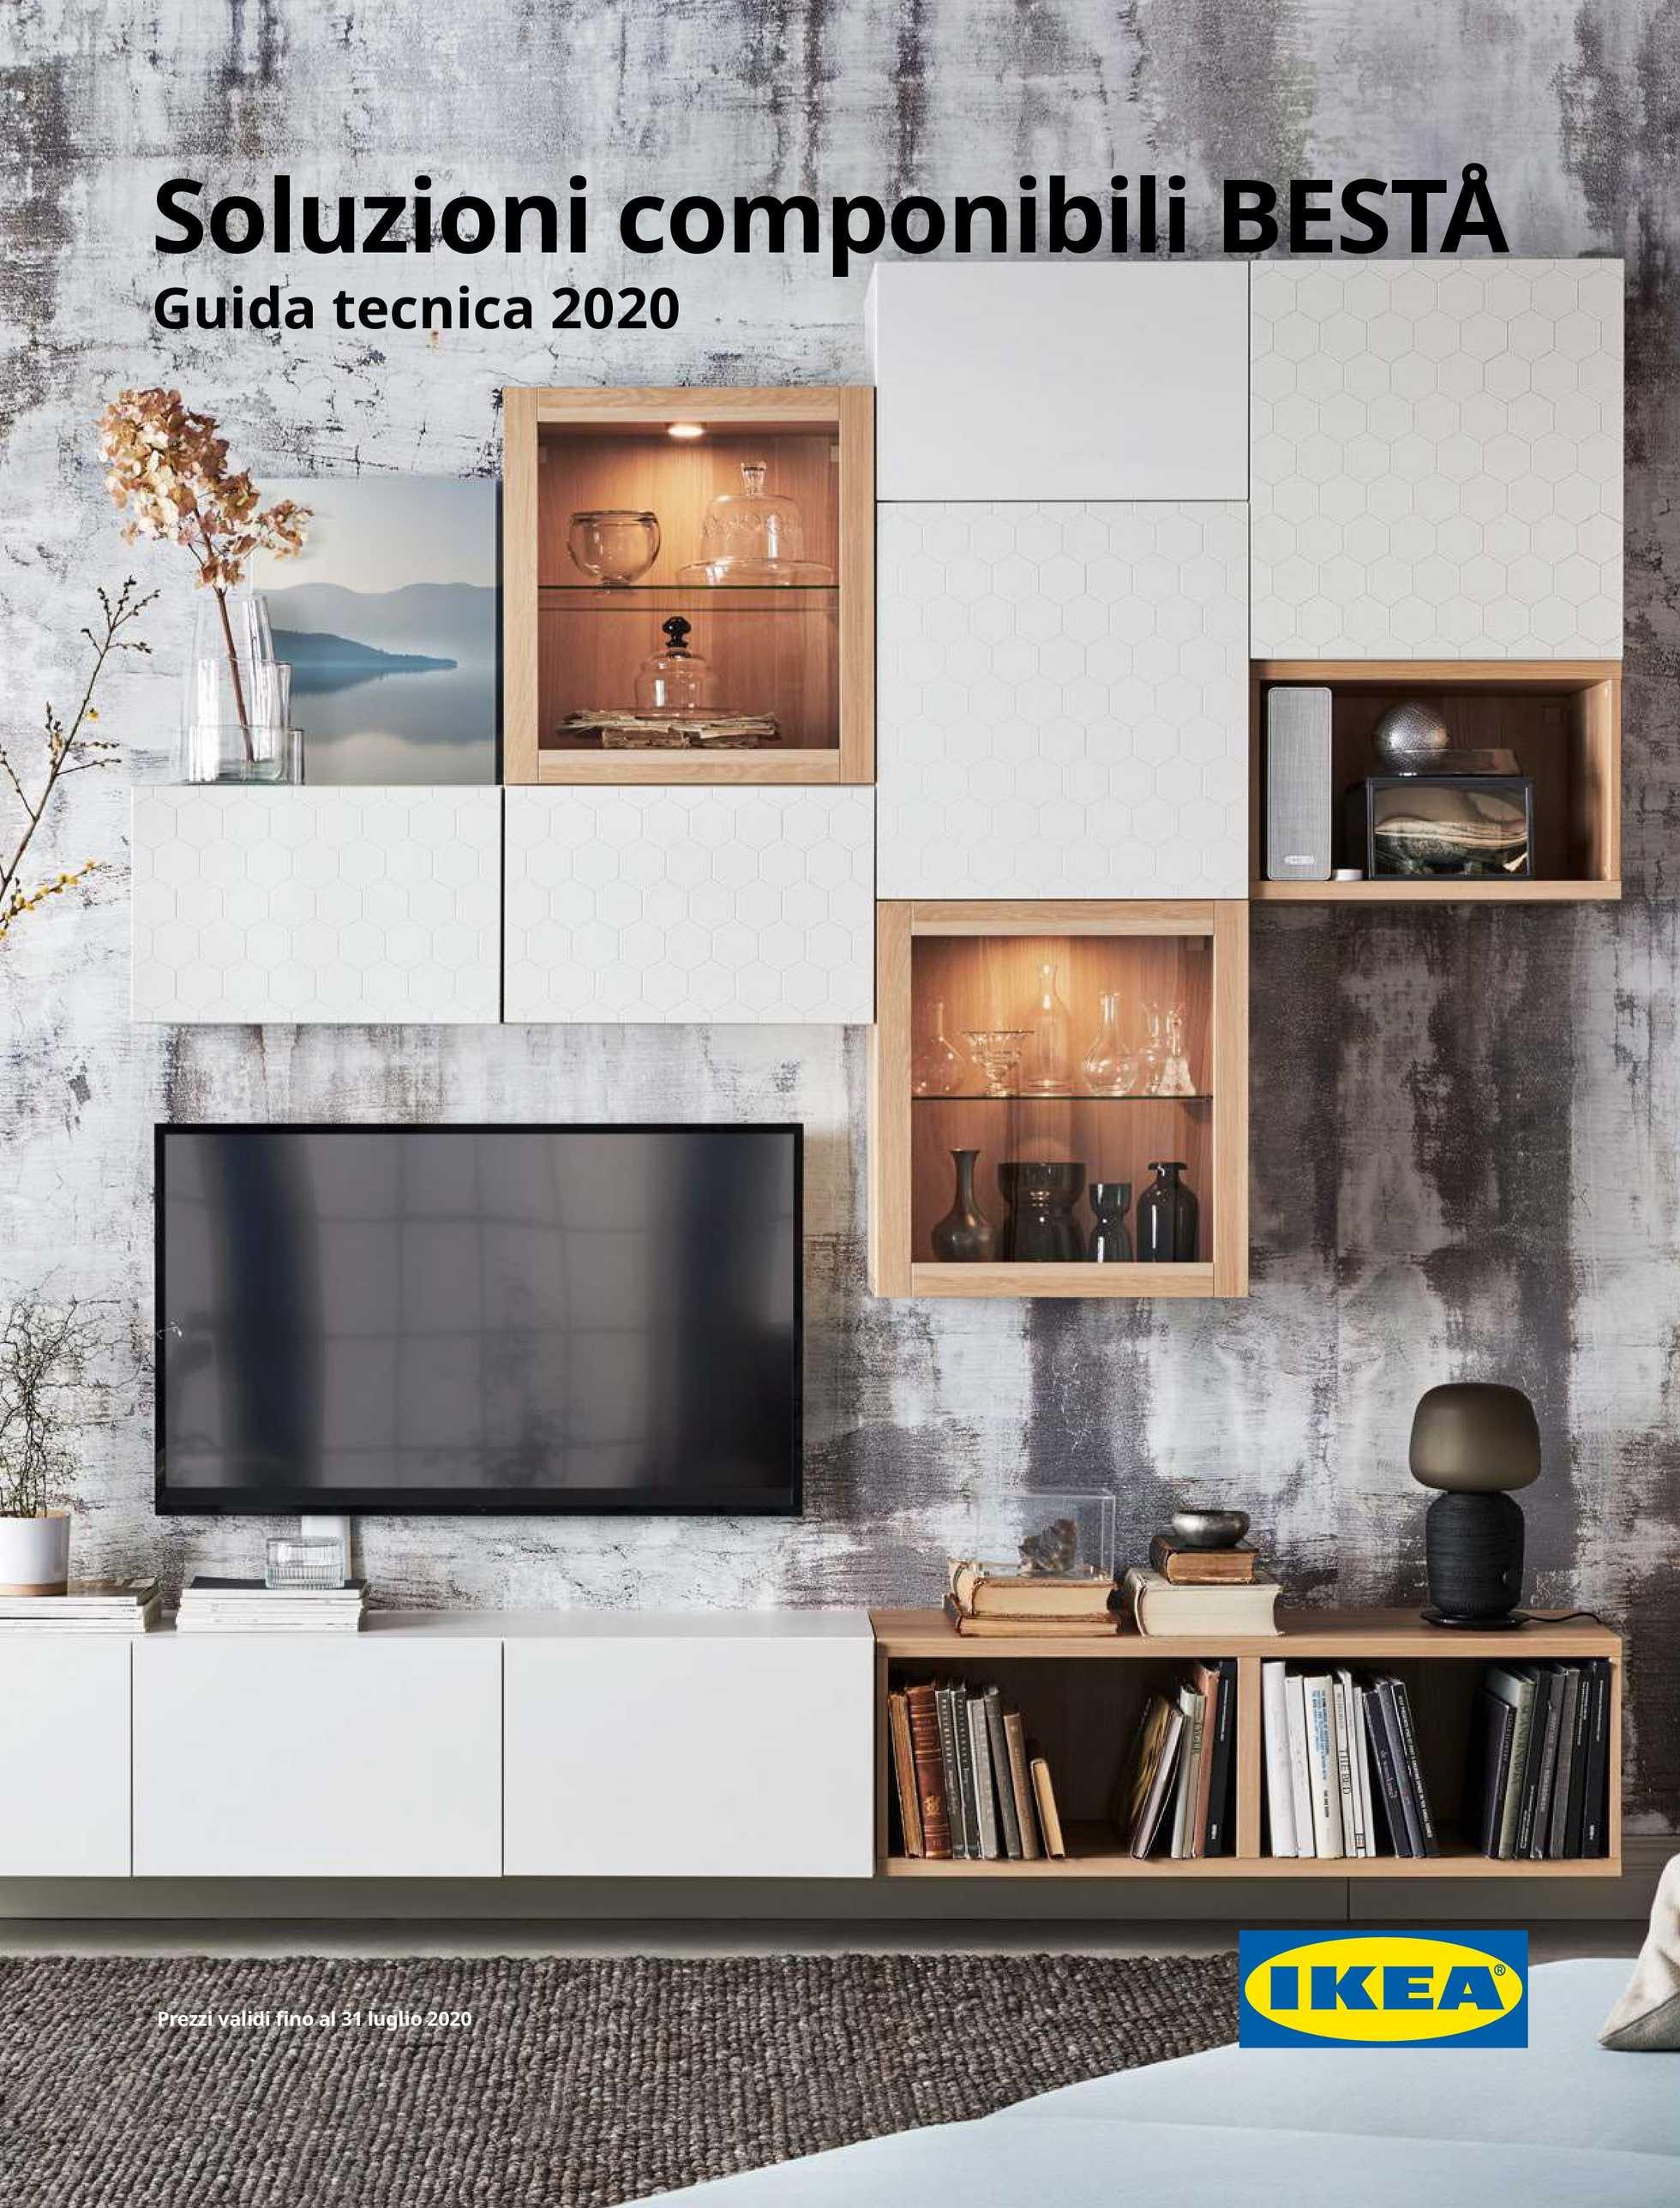 IKEA - offerte valide dal 01.02.2020 al 31.07.2020 - pagina 1.